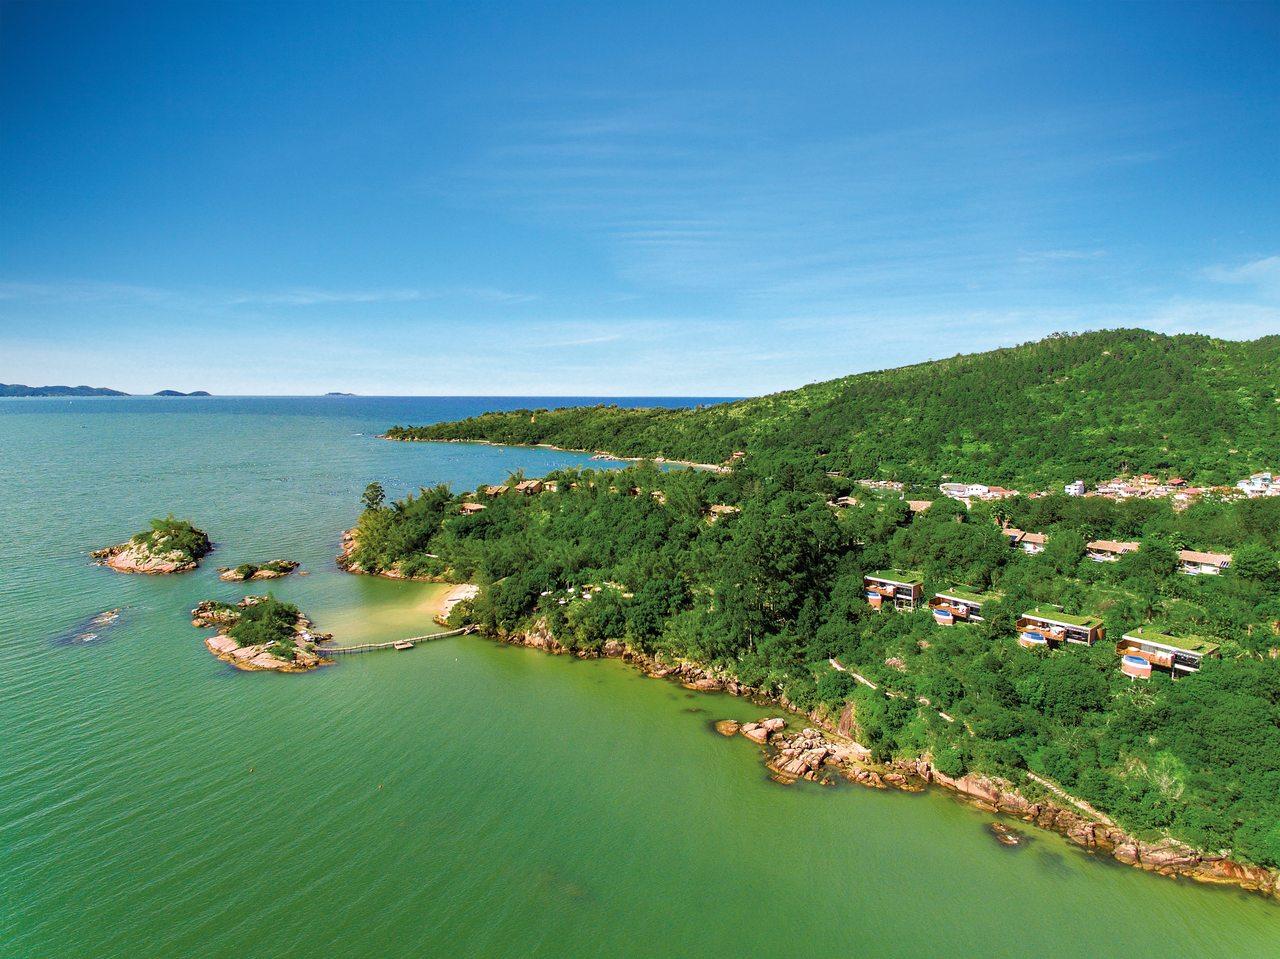 Ponta dos Ganchos Exclusive Resort, Santa Catarina